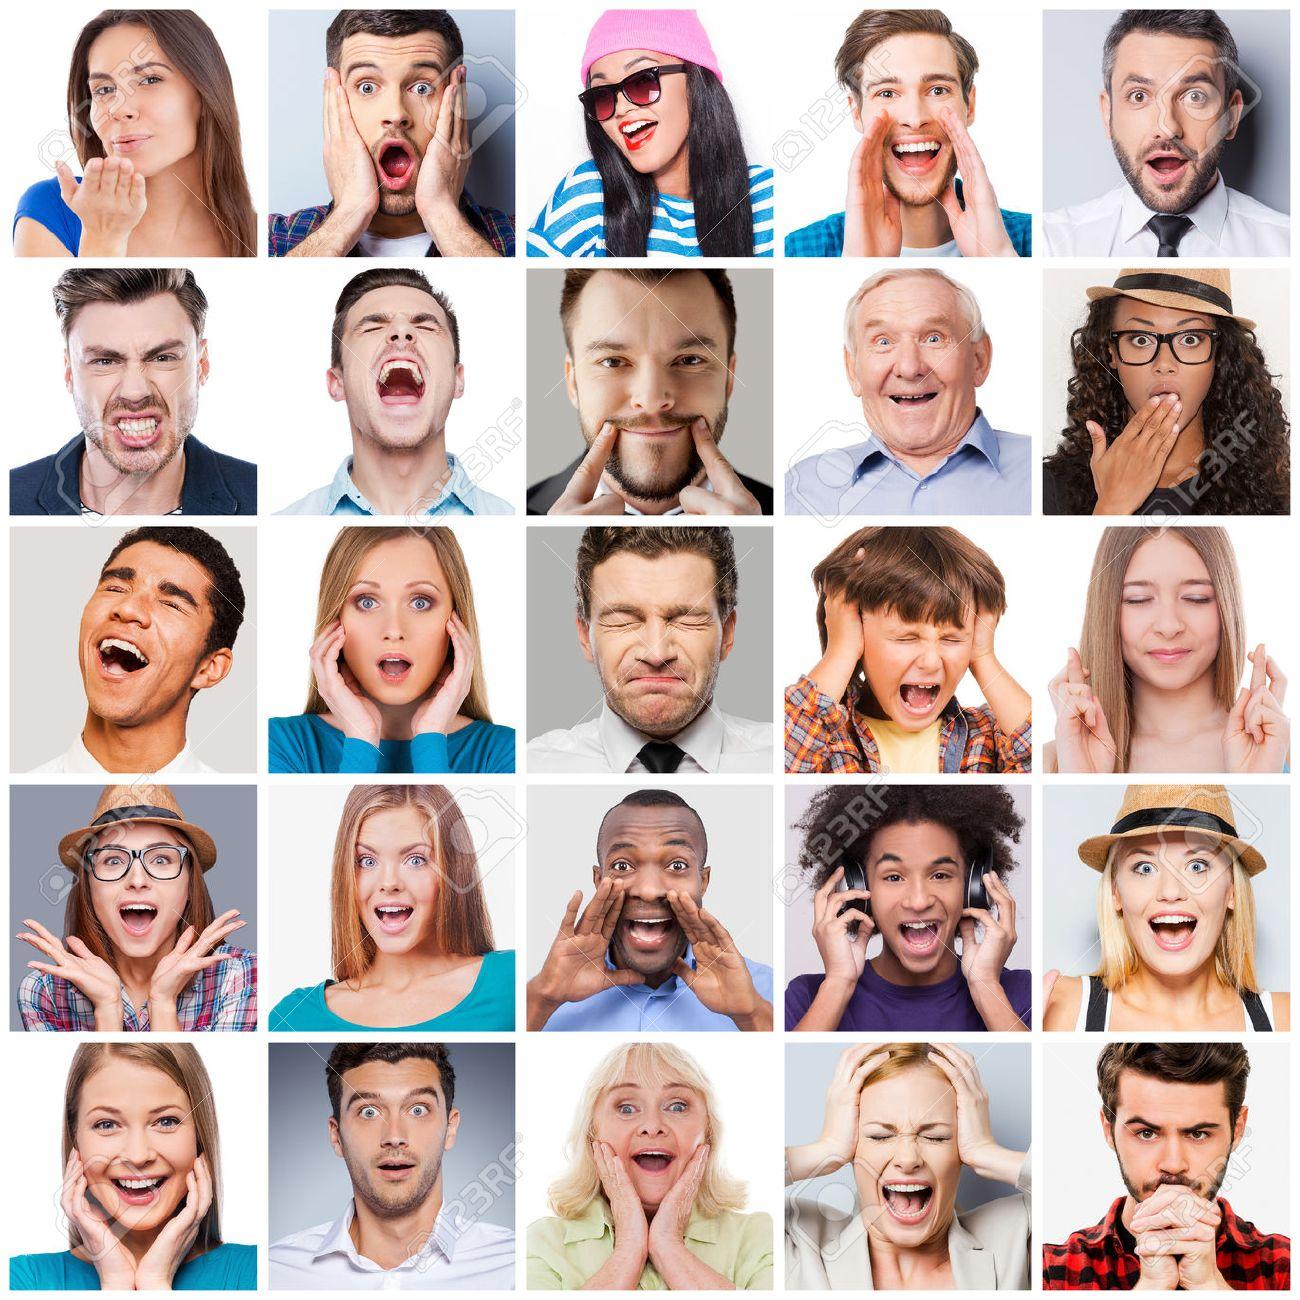 Diversas Personas Con Diferentes Emociones Collage De Diversas